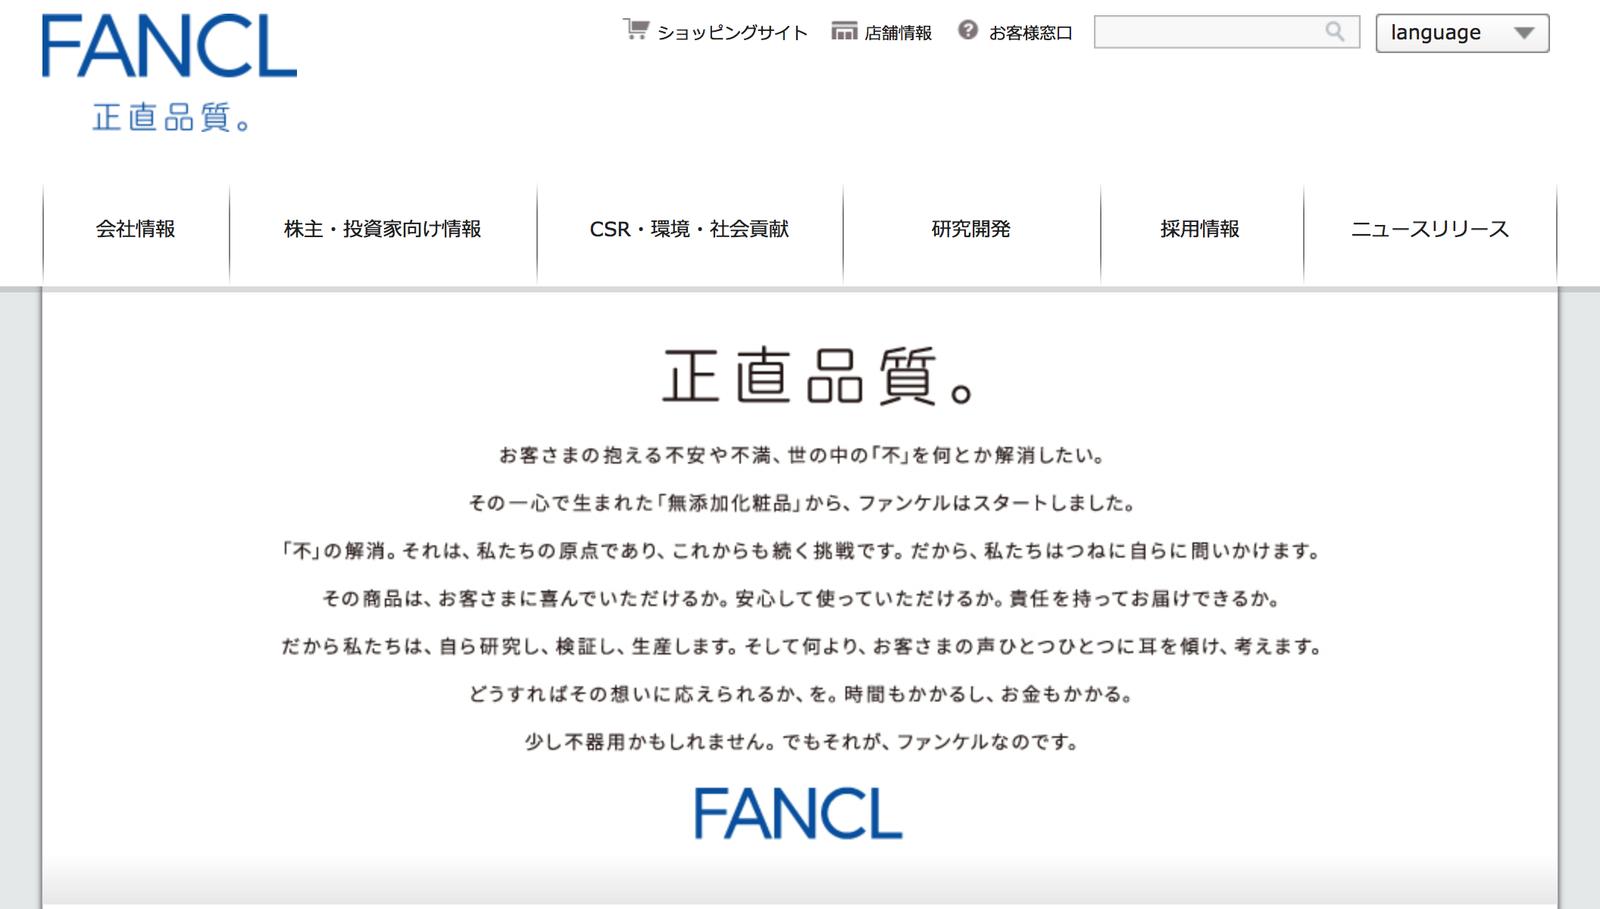 FANCL日本總公司理念截圖